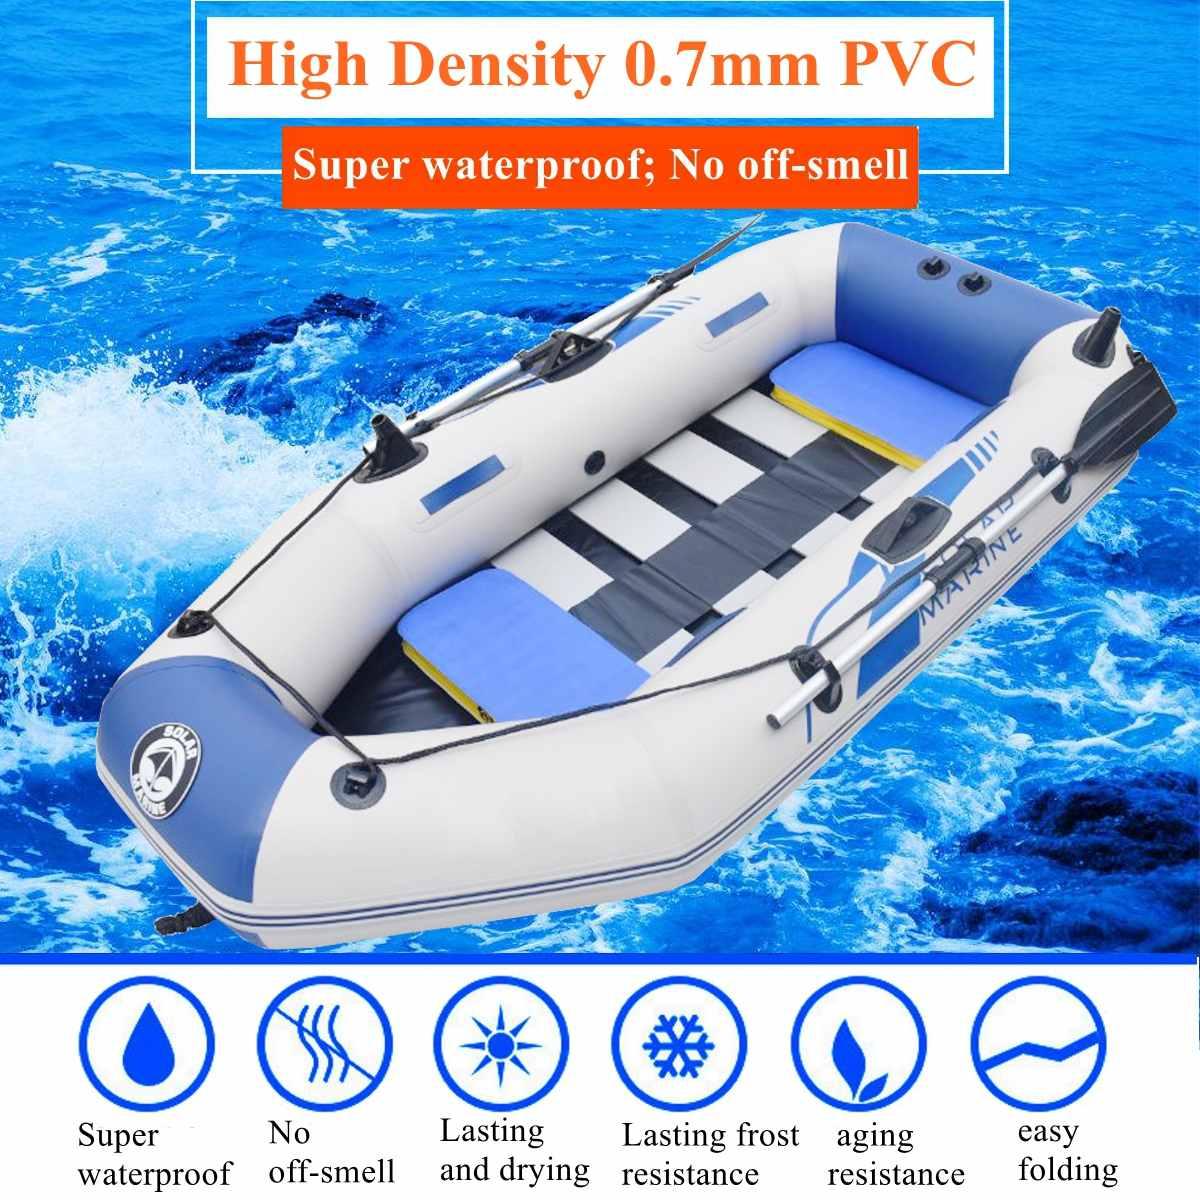 Matériel gonflable professionnel de PVC de bateau gonflable de fond de lattes du bateau 1.75/2 m de bateau résistant à l'usure de bateau de pêche de bateau